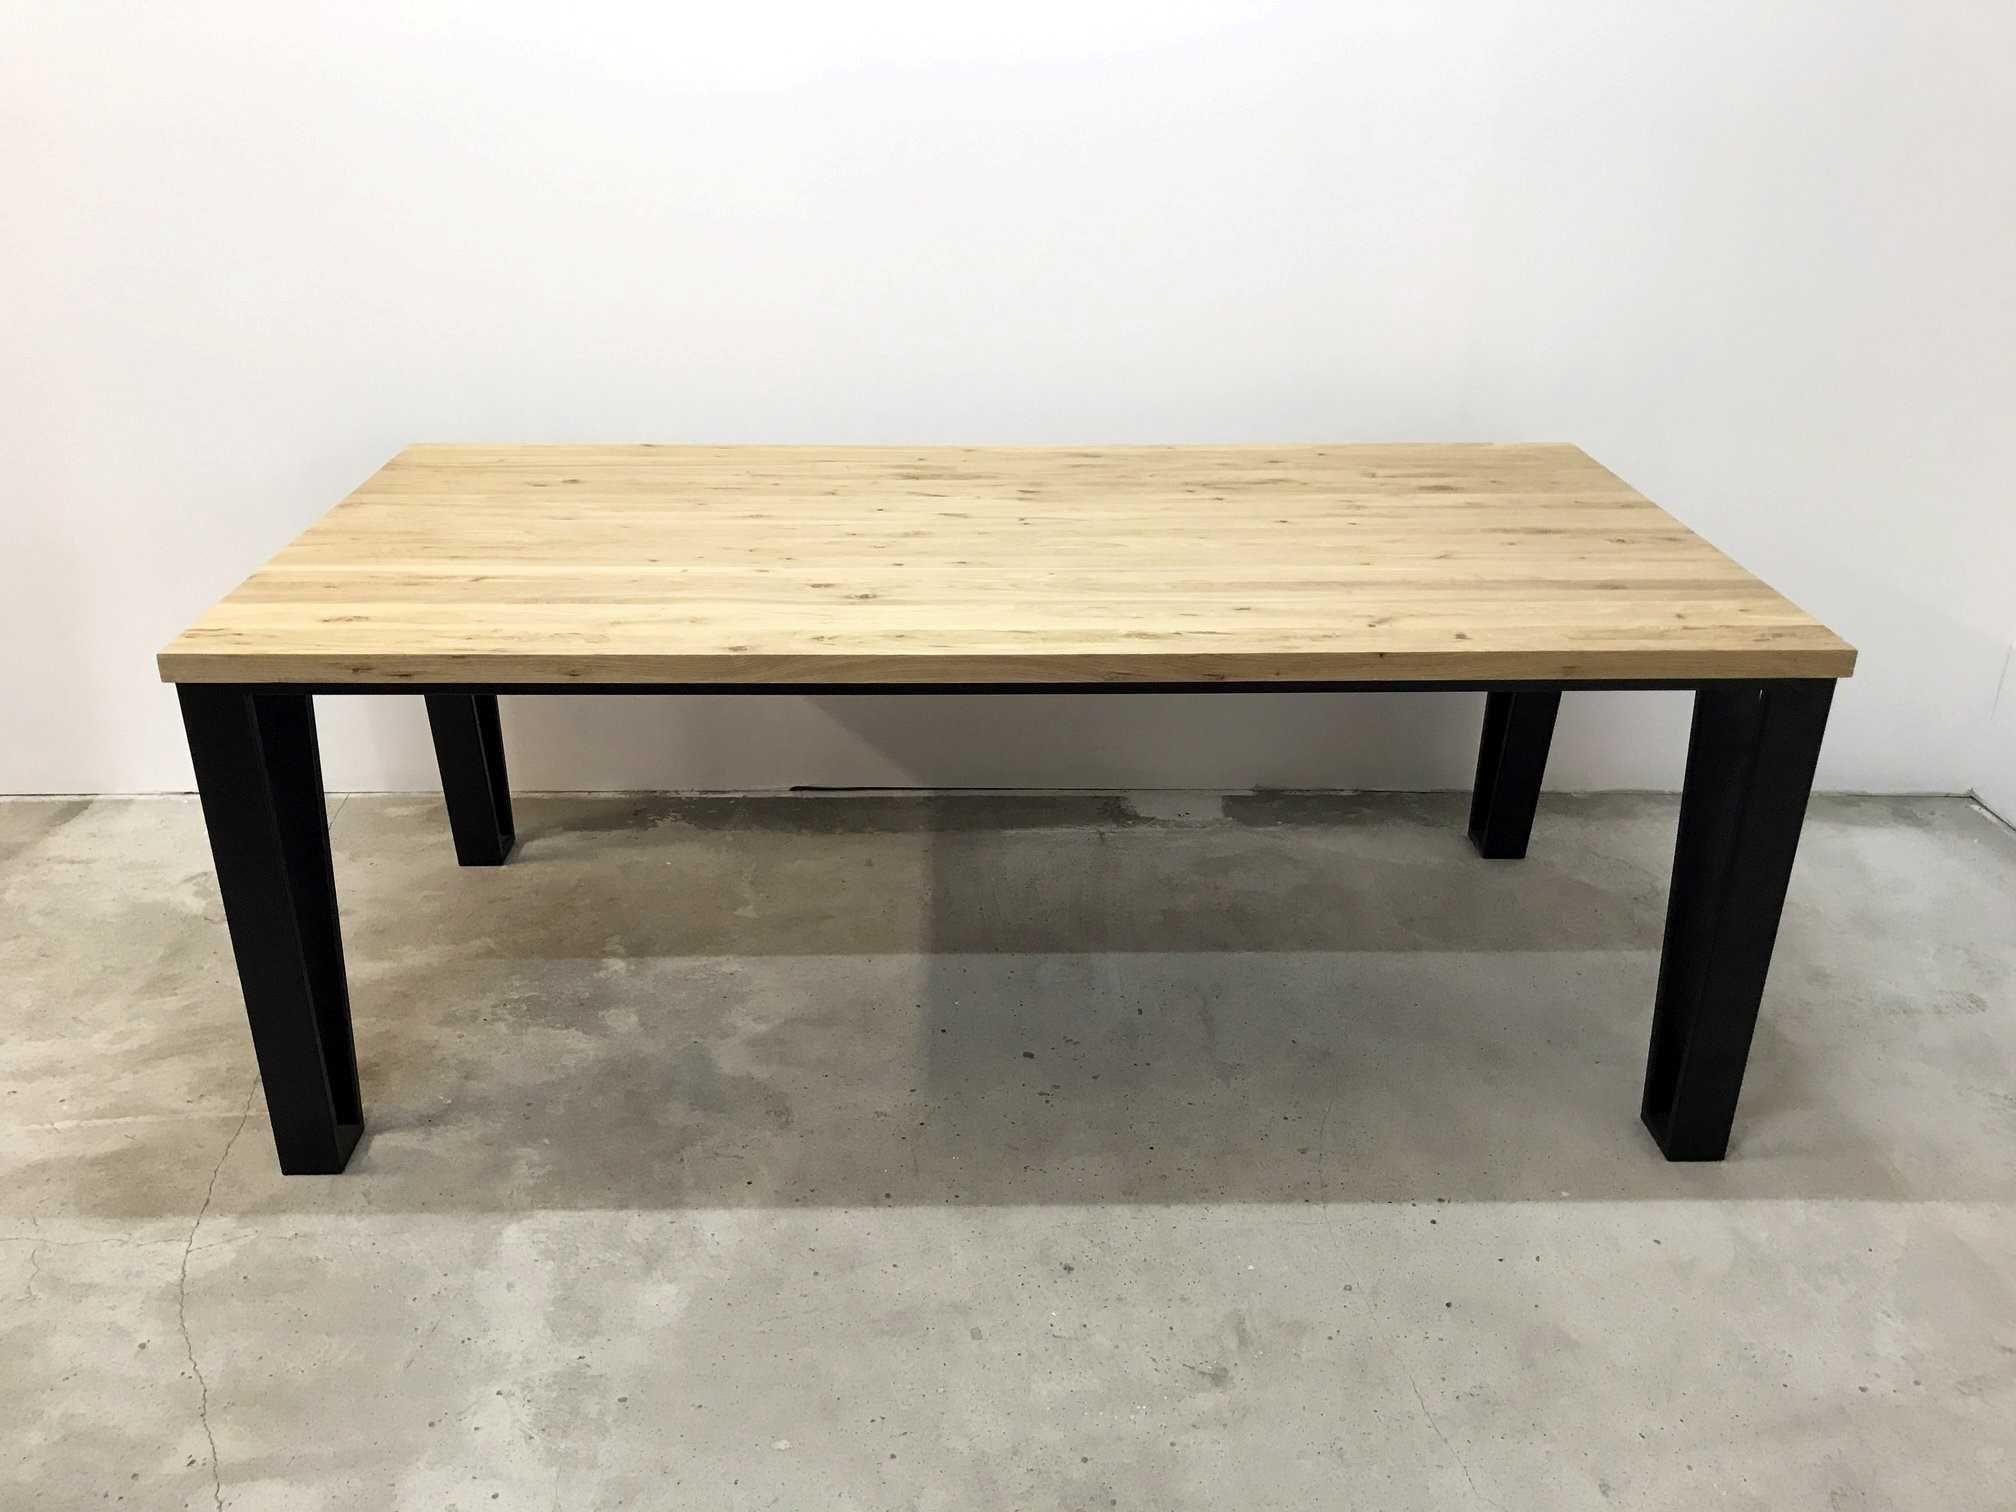 """STÓŁ """"PUSZCZYK"""" 200cm x 100cm Jadalnia,Salon,Lite Loft Drewno Dębowe"""